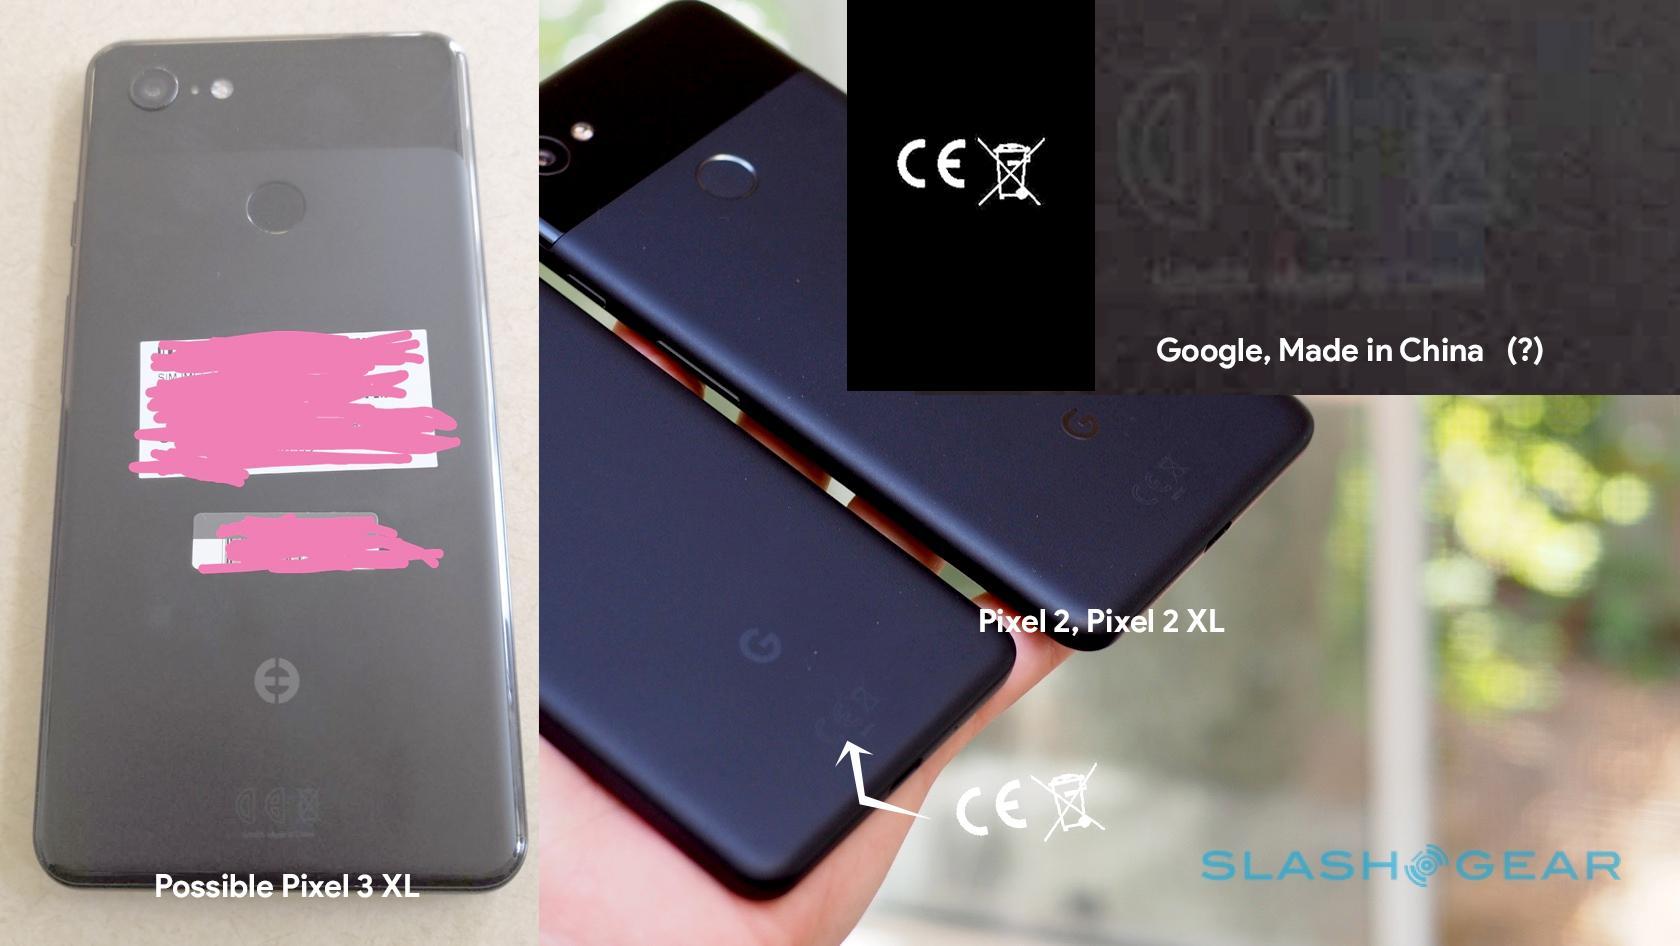 Pixel 3 XL seekers rejoice, here's a big fat leak - SlashGear